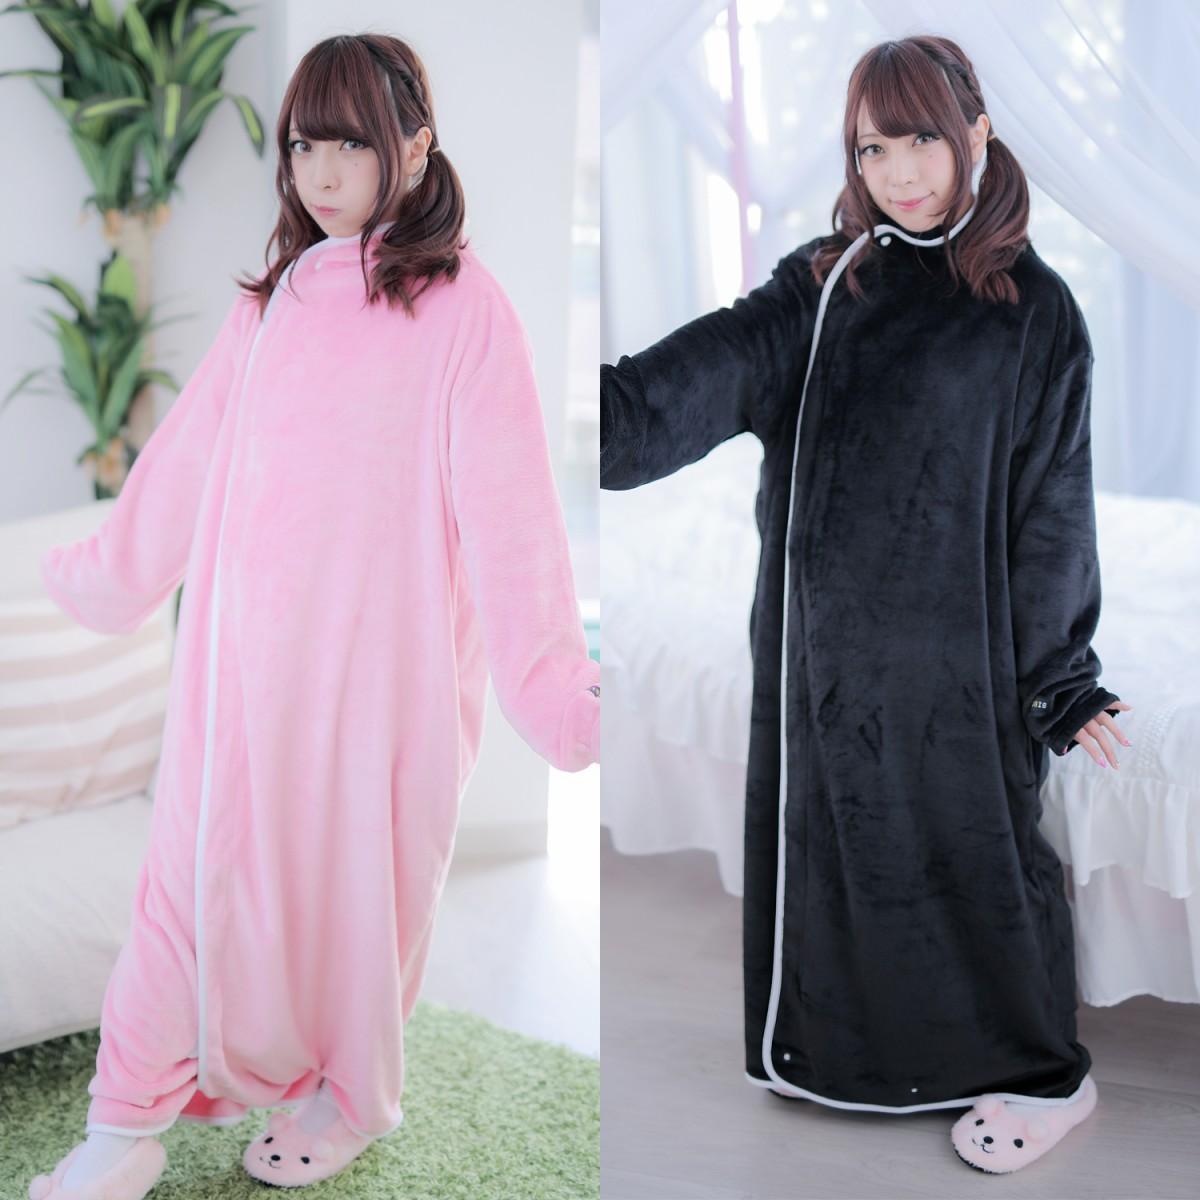 東大阪「ビーズ」が新型「はだけない着る毛布」発売 ユーザーの意見取り入れ改良